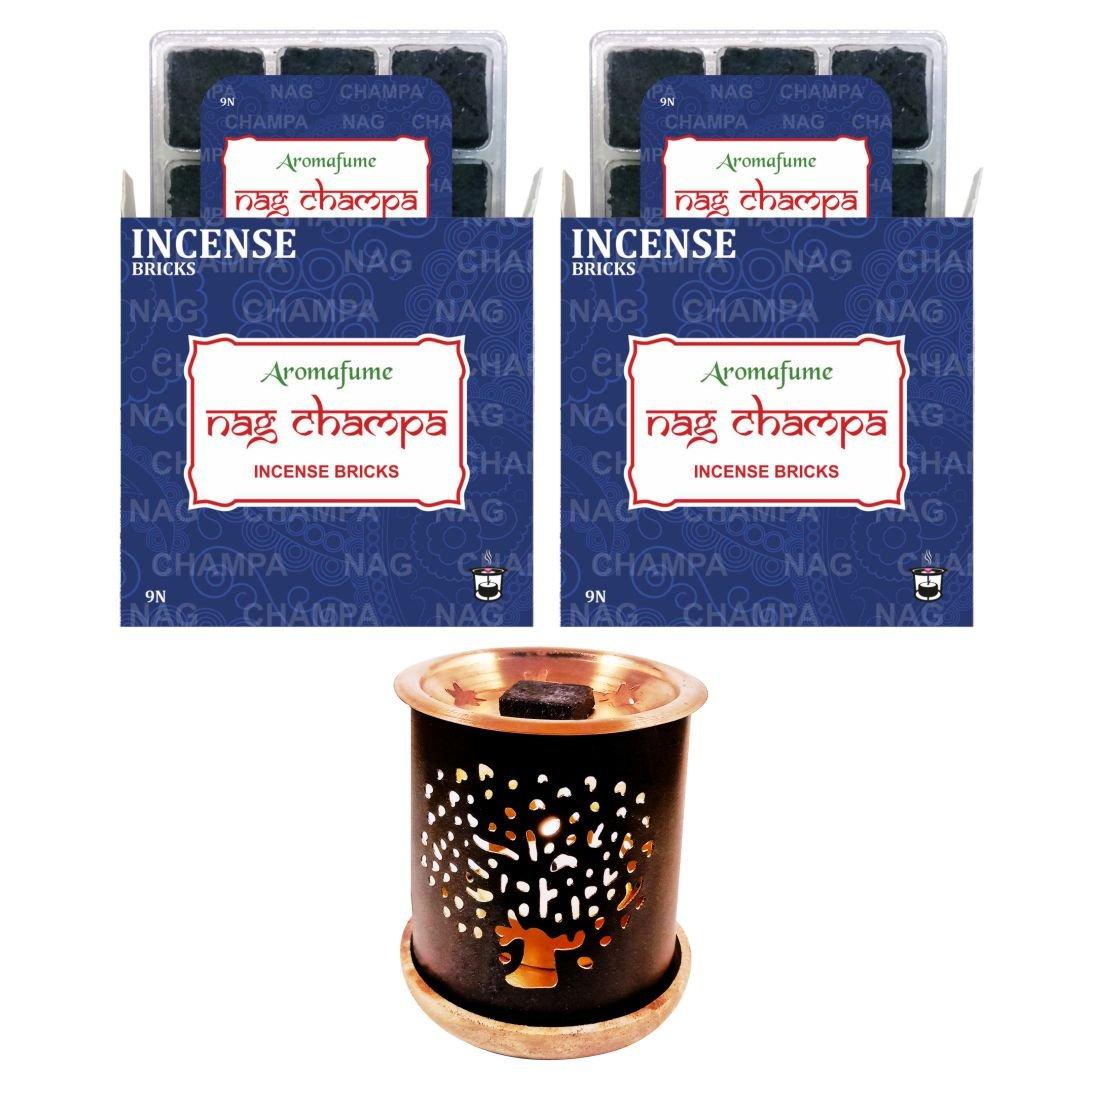 通販 aromafume Nag Champa Incense Bricks Incense & Tree Champa of Life Life Incense Burner B07DCNHGLV, ミタケチョウ:f441b1fe --- egreensolutions.ca